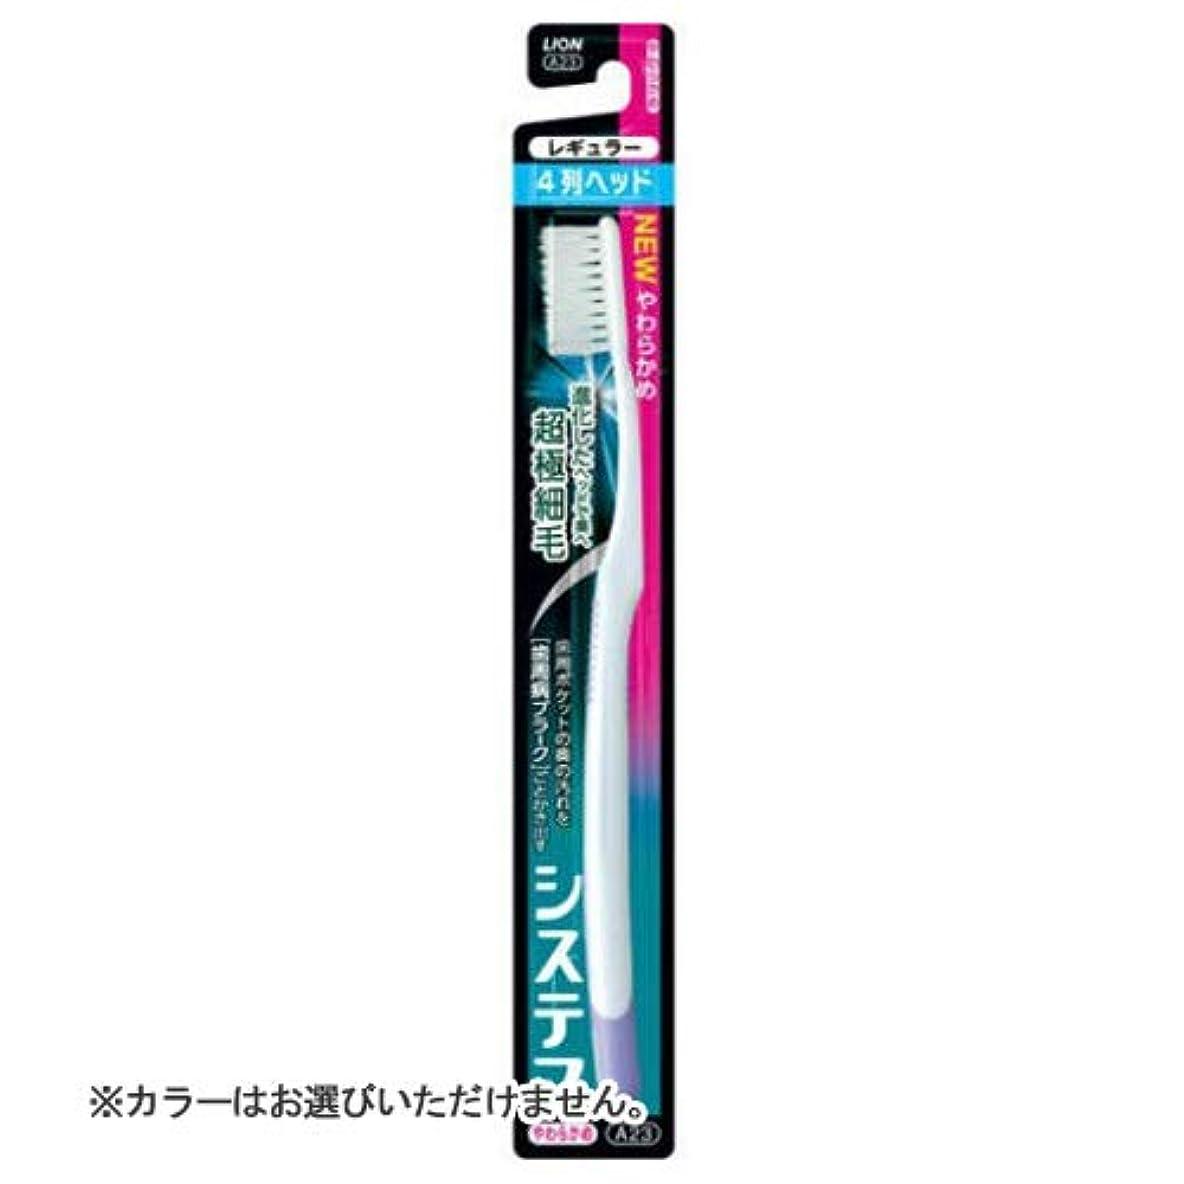 南アメリカ謝罪する冷凍庫ライオン システマ ハブラシ レギュラー4列 やわらかめ (1本) 大人用 歯ブラシ